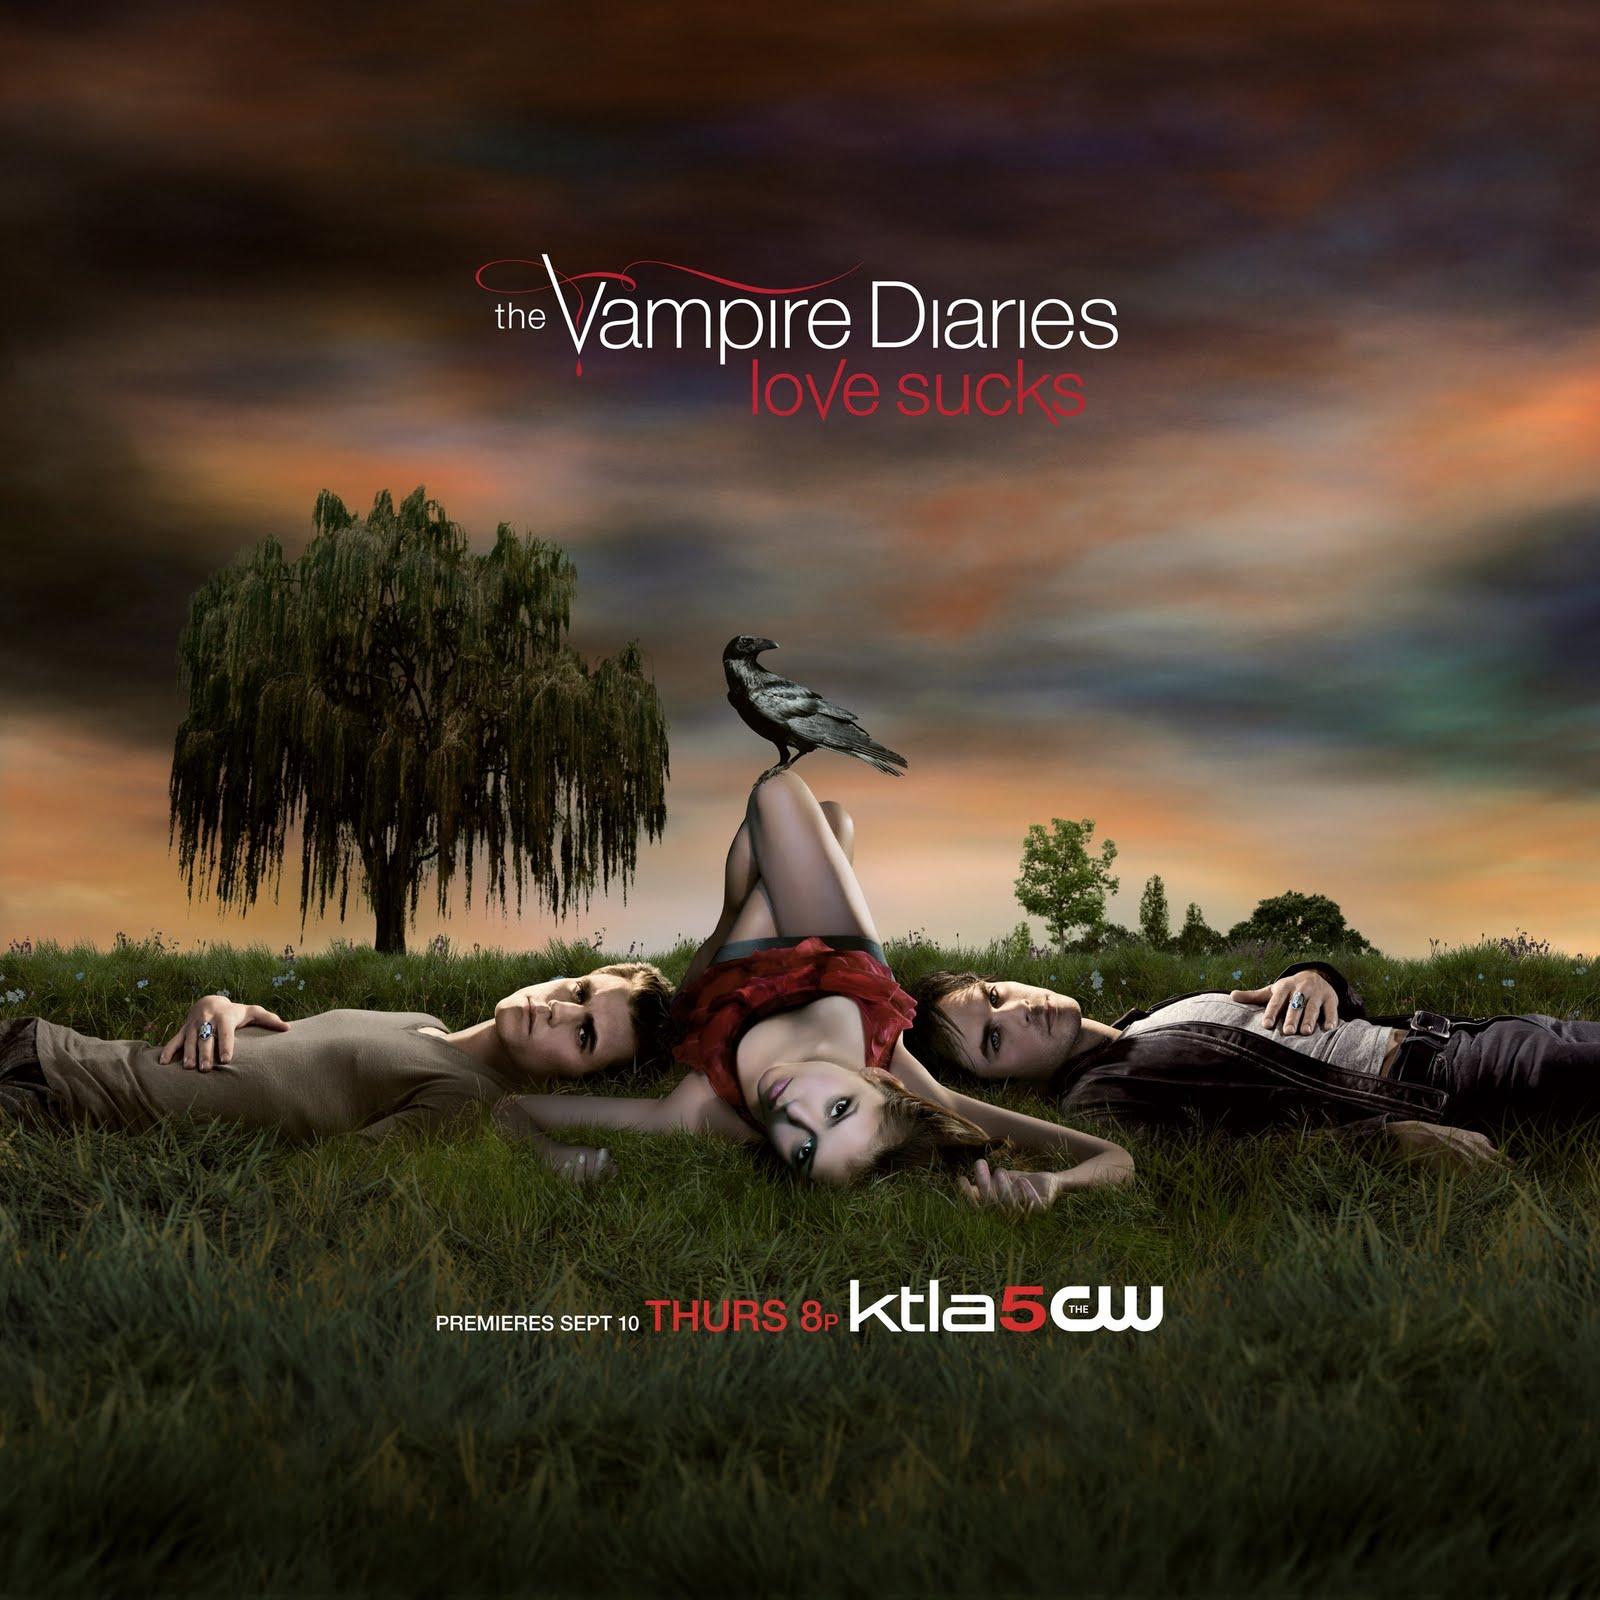 Diario de un vampiro - la serie de moda de vampiros